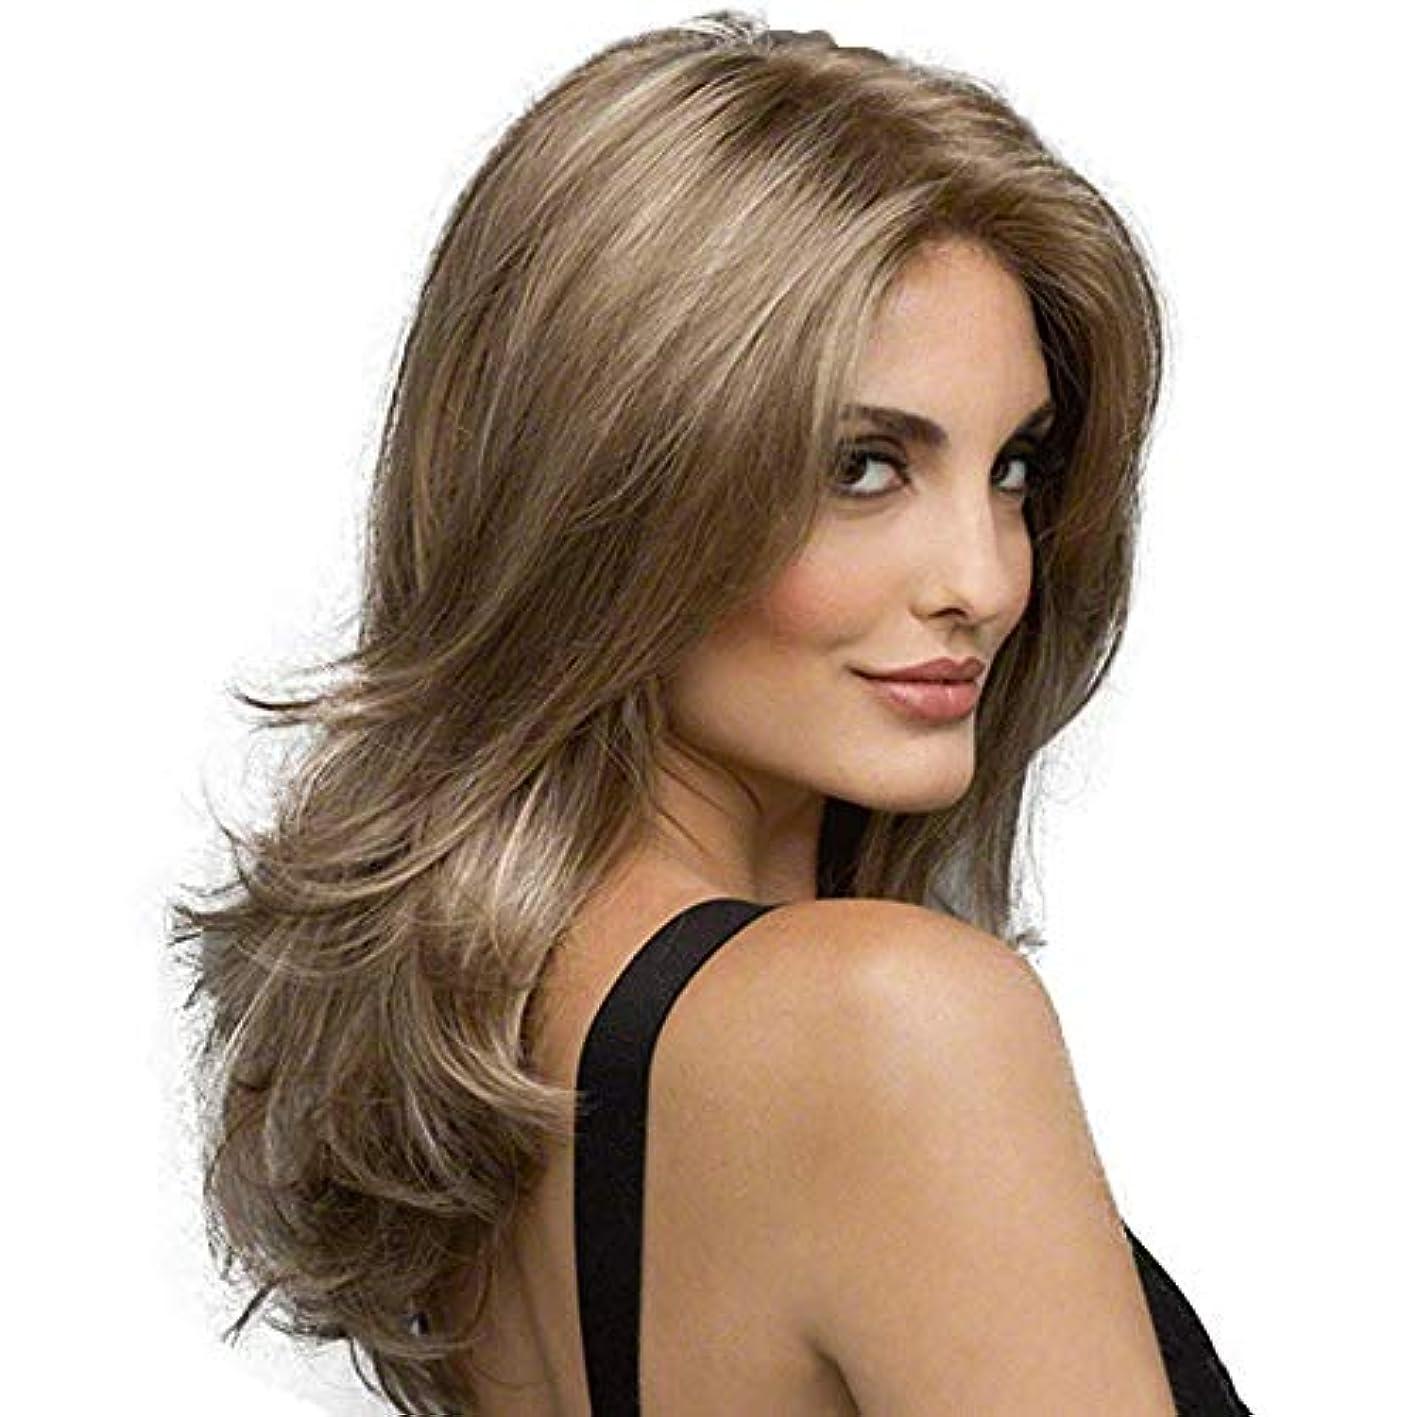 ライドふける二層女性の長い巻き毛の波状の髪のかつら22インチ魅力的な自然な人間の髪のかつら熱にやさしい人工毛交換かつらハロウィンコスプレ衣装アニメパーティーかつら (Color : Linen brown)